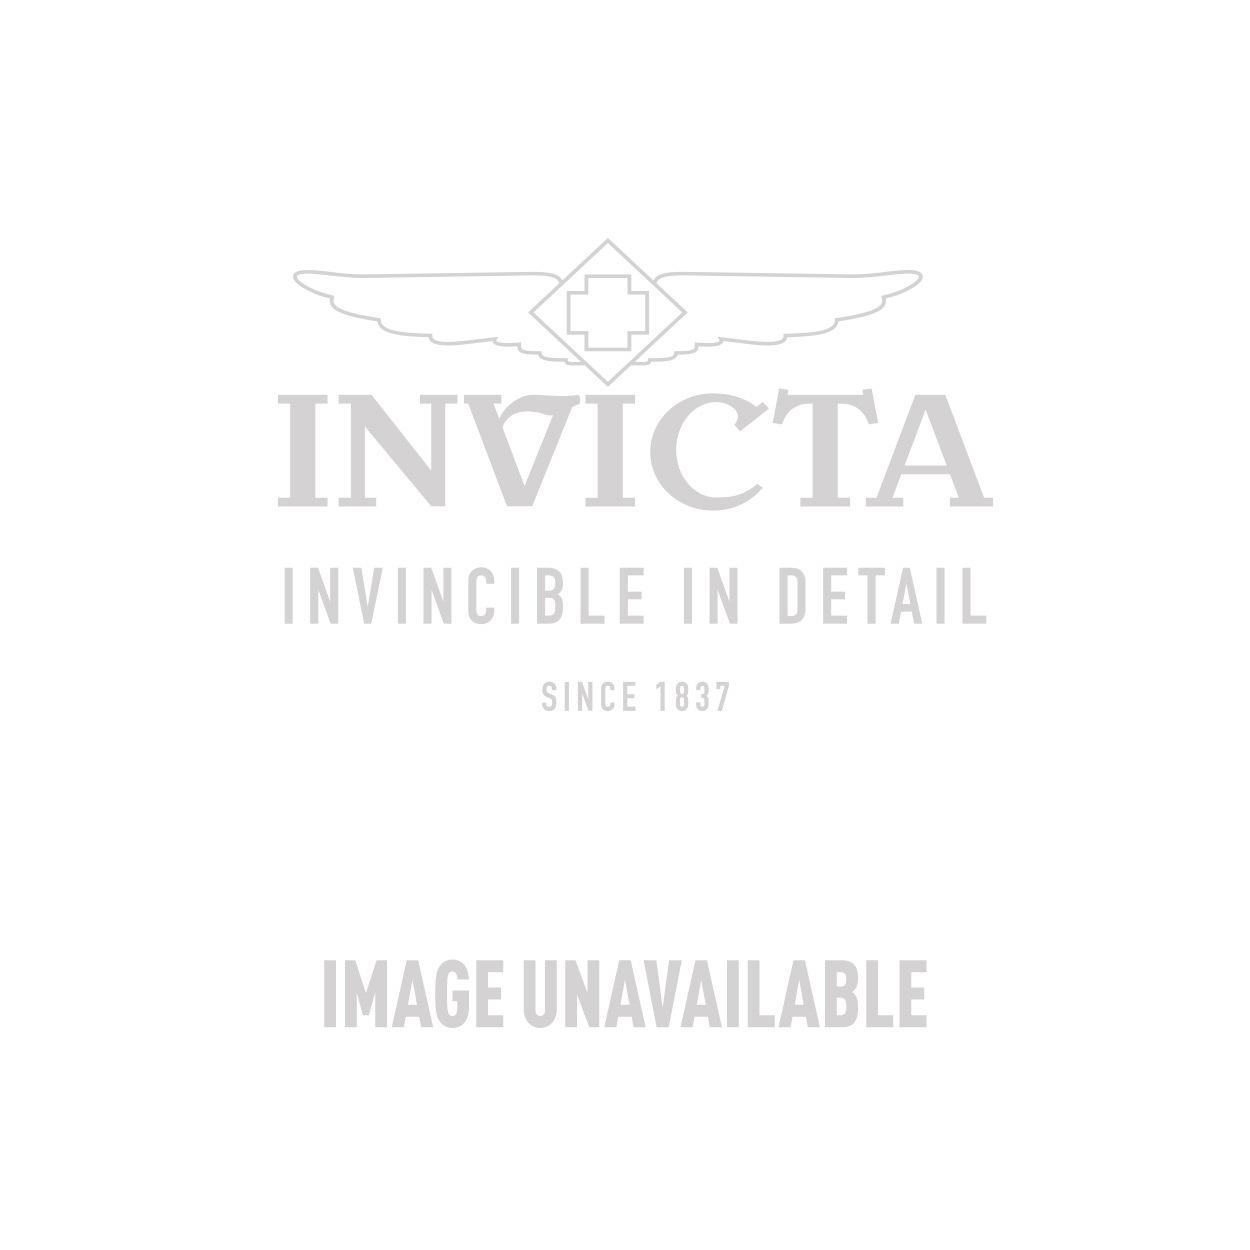 Invicta Model 27709